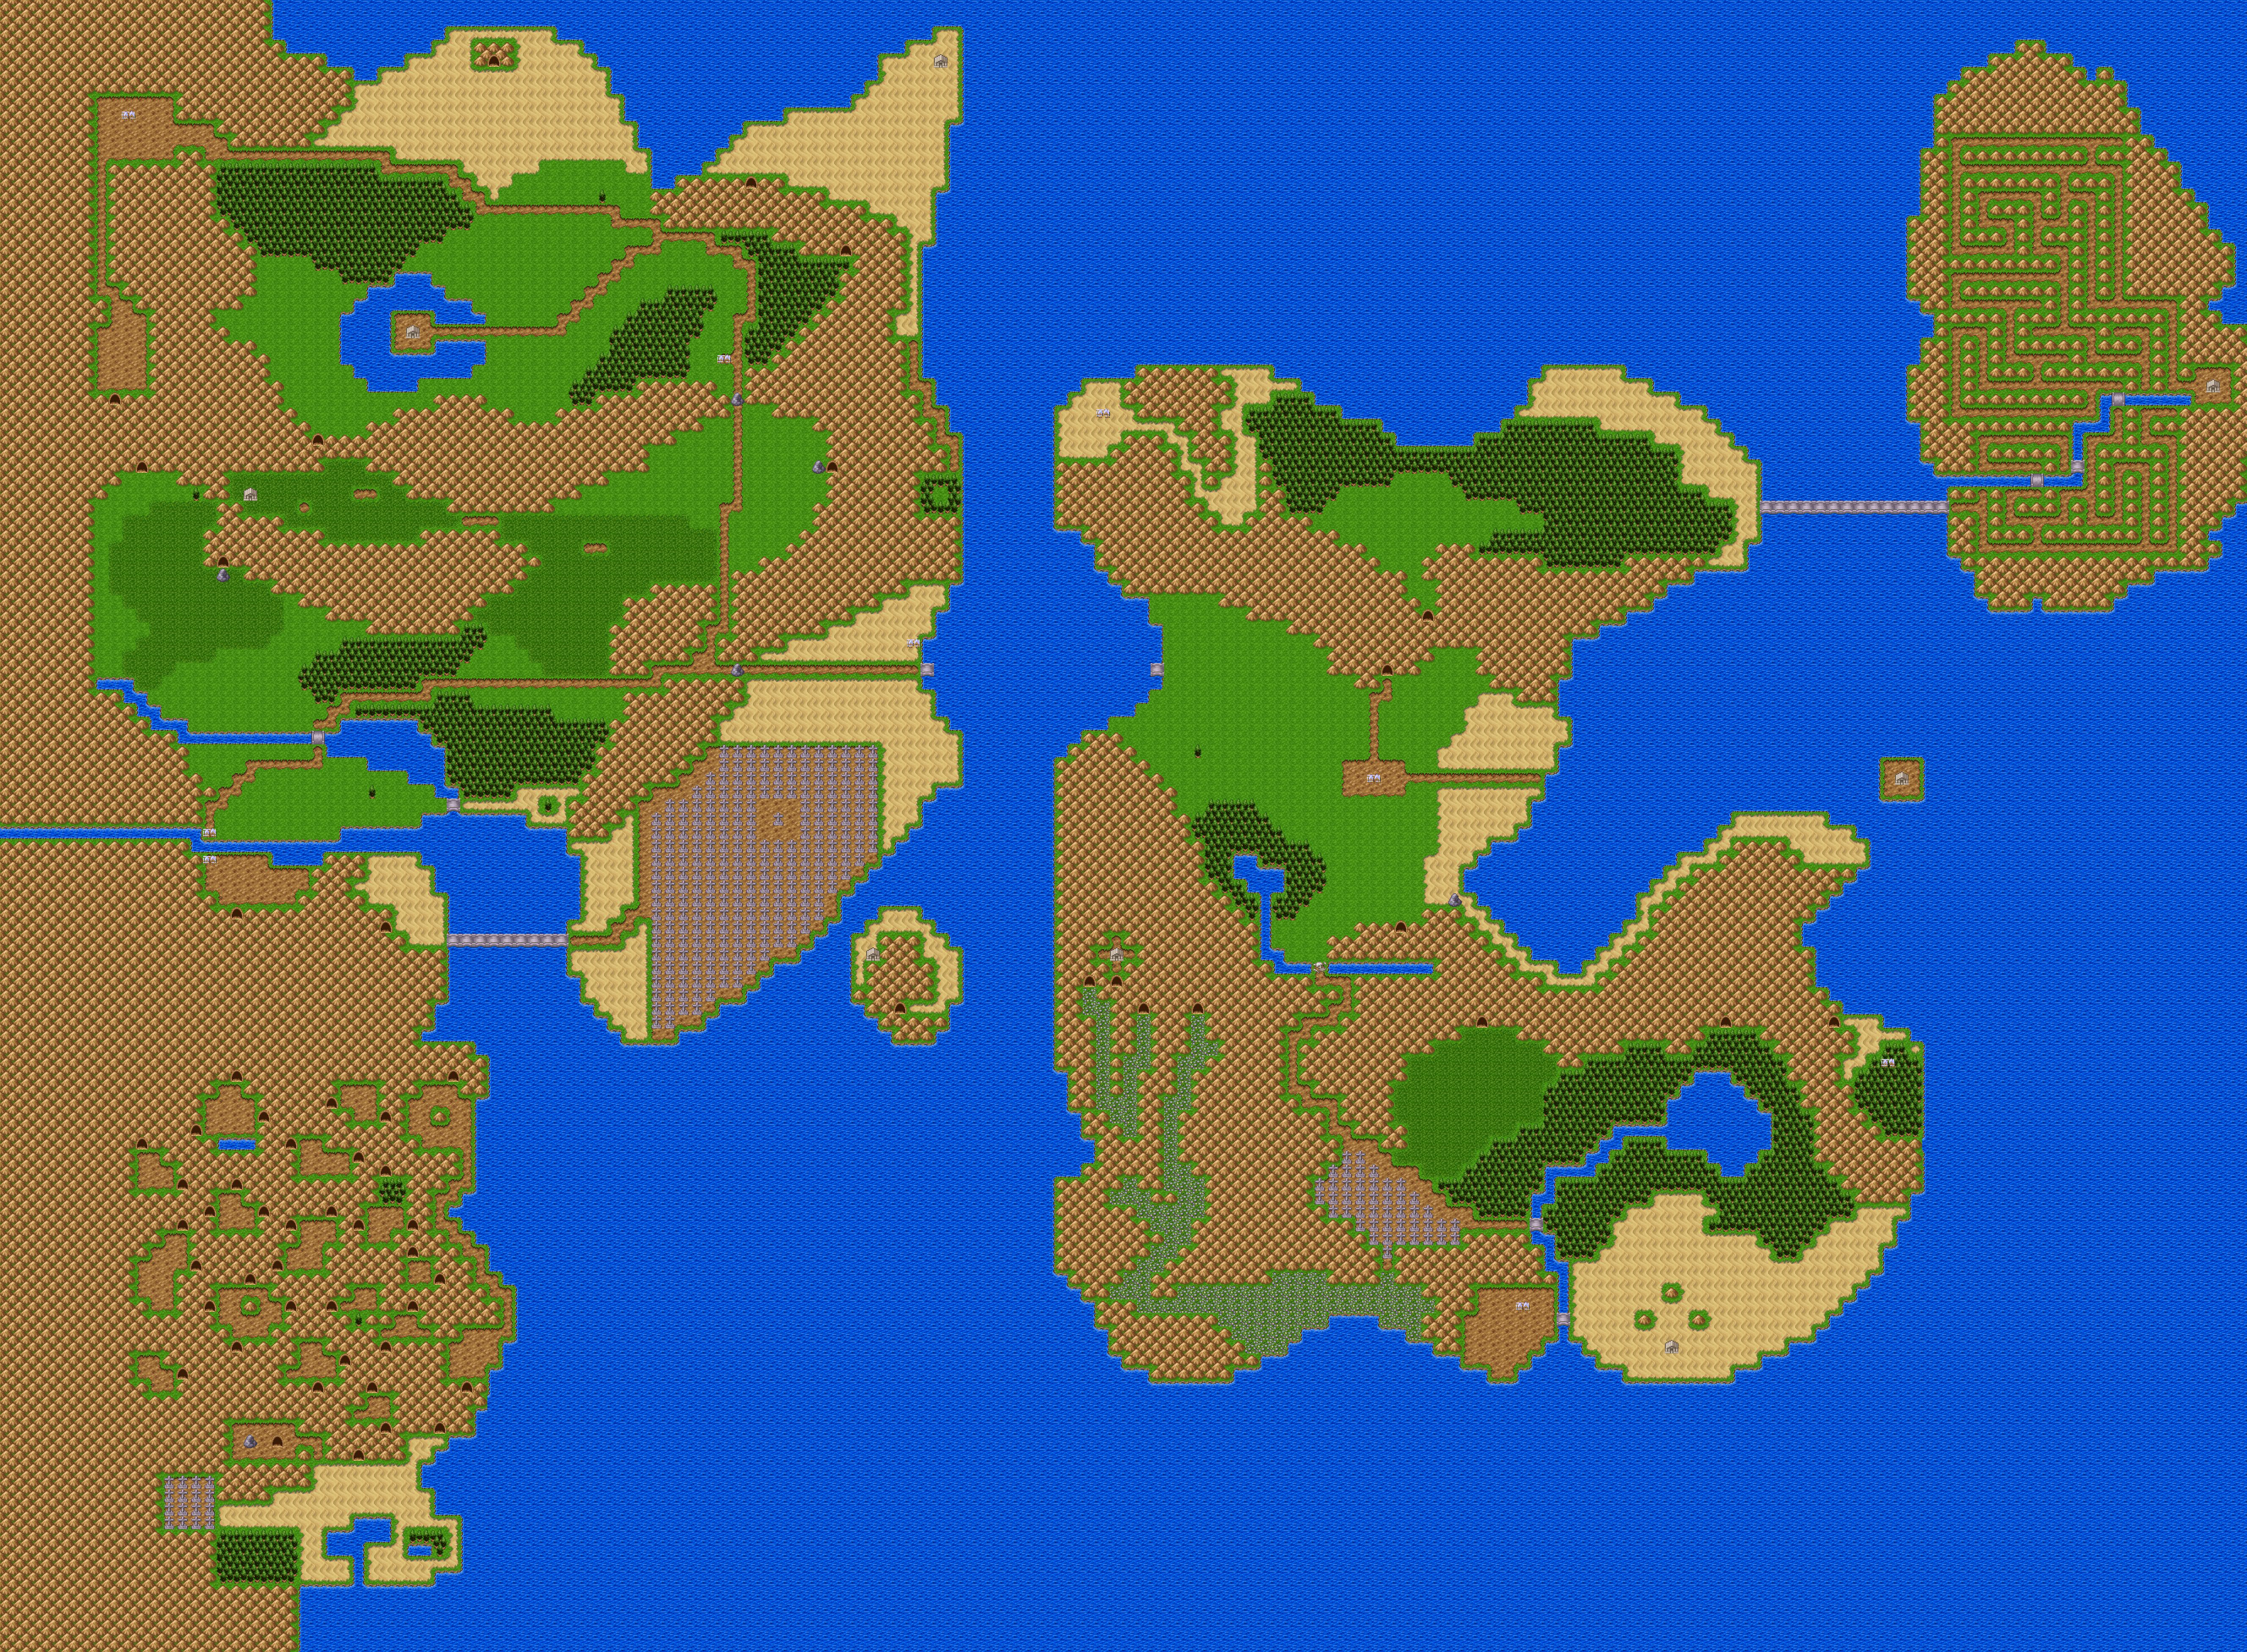 Zelda ii map zelda ii the adventure of link overworld map zelda map zelda ii the adventure of link overworld map gumiabroncs Image collections